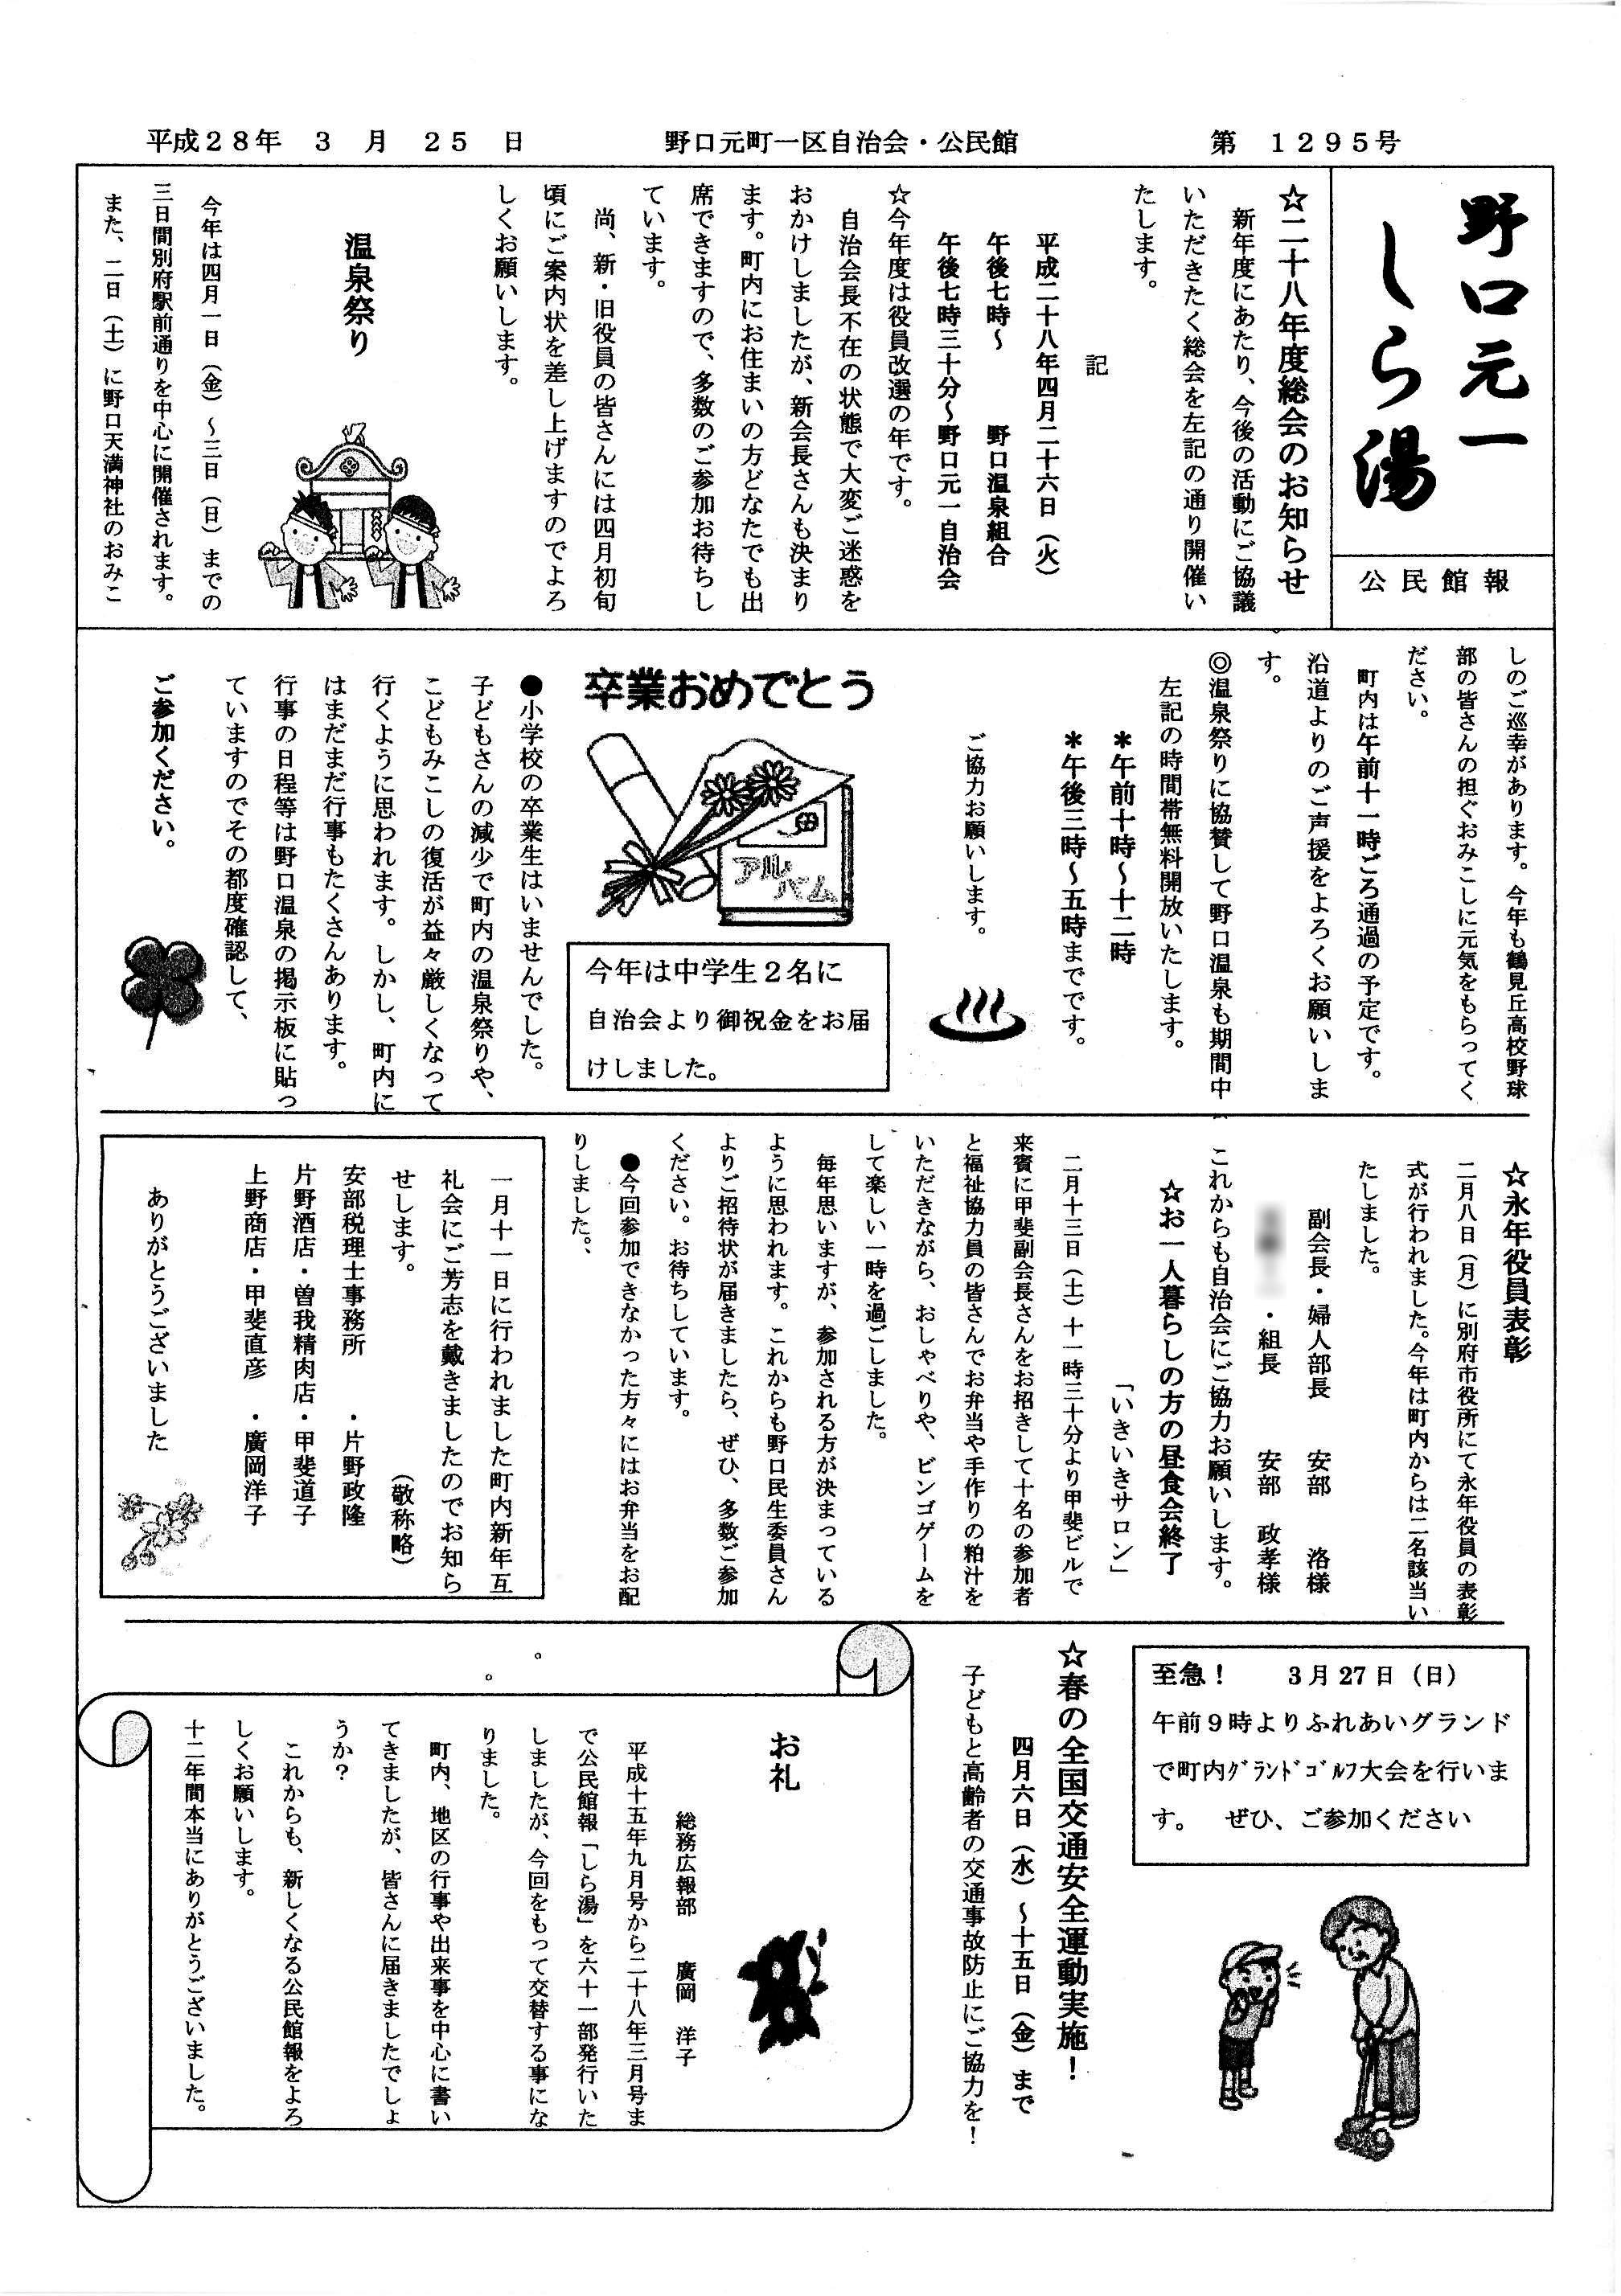 noguchimotomachi1ku_201604